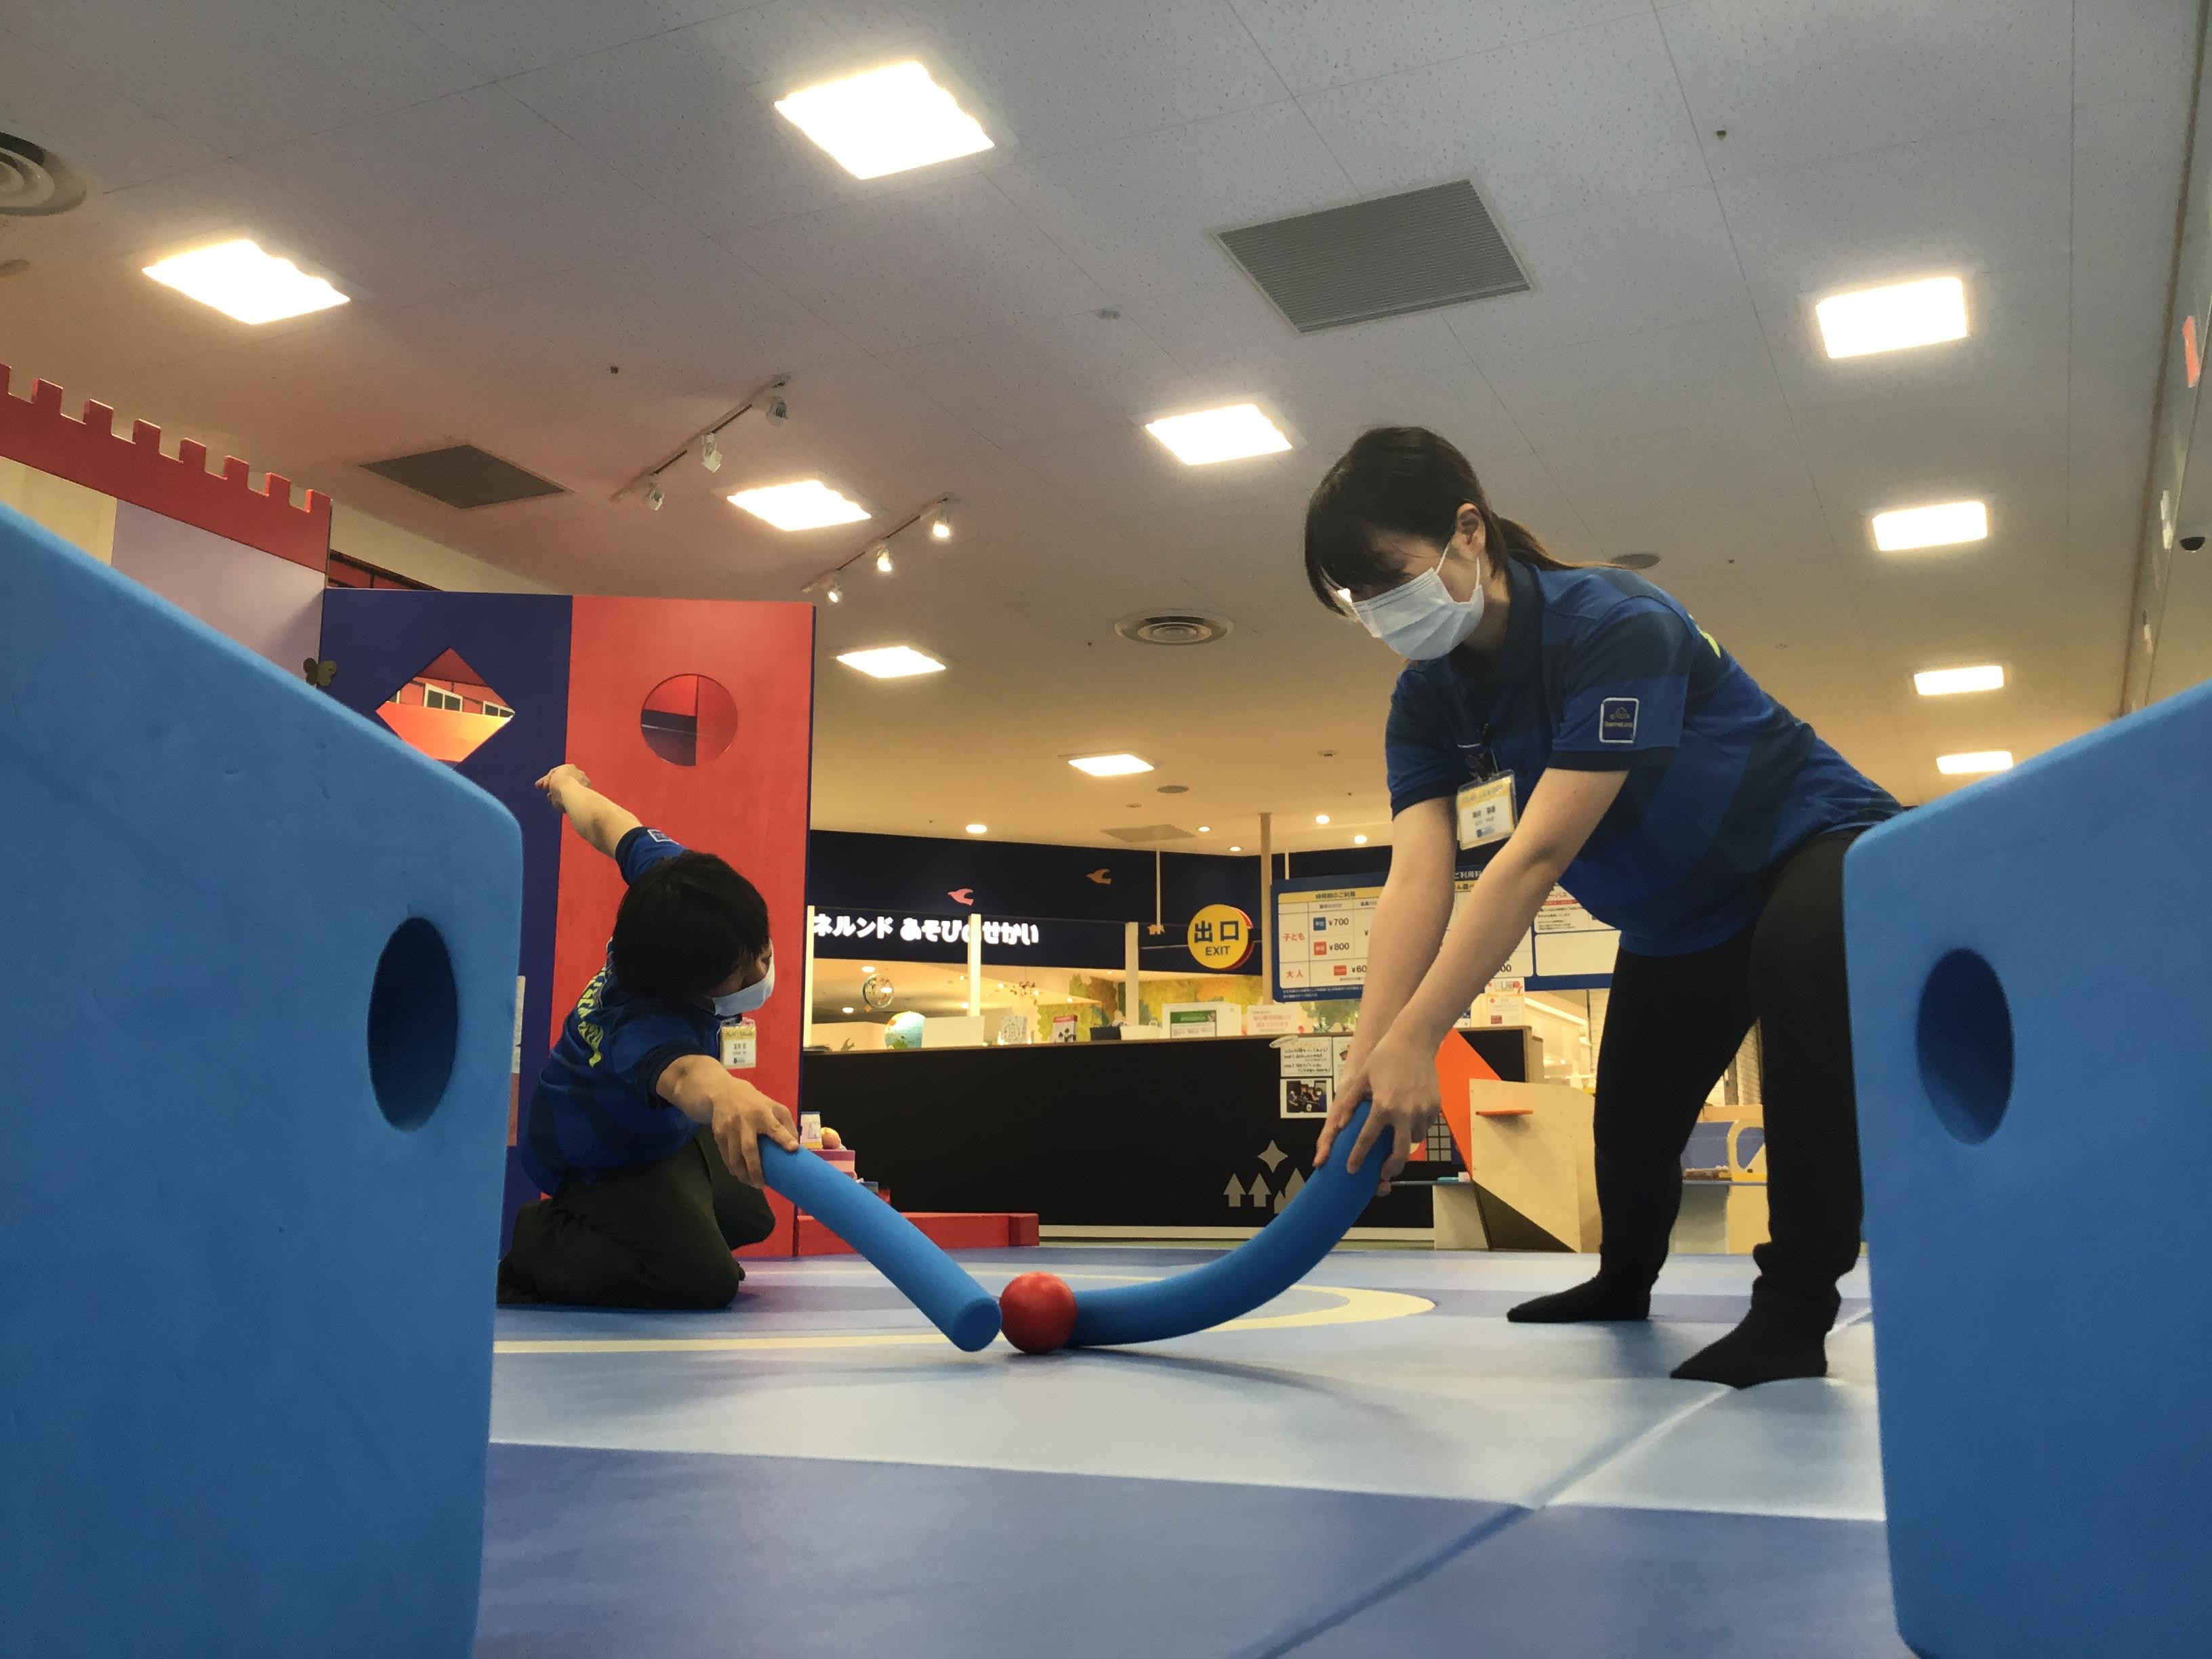 PLAYFUL スポーツチャレンジ【ホッケー】